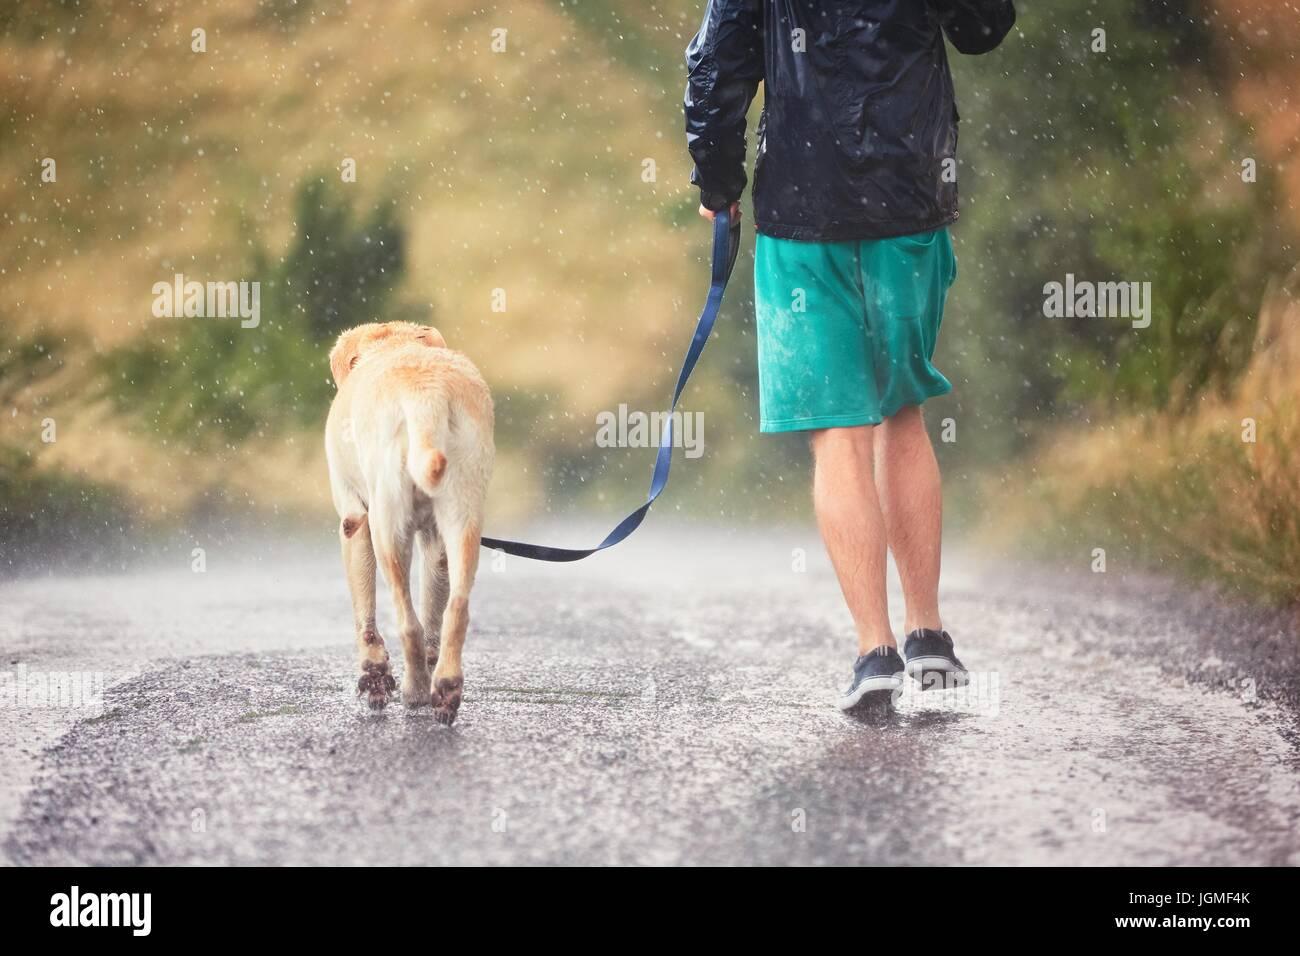 Junger Mann mit seinem Hund (Labrador Retriever) bei starkem Regen auf der Landstraße ausgeführt. Stockbild